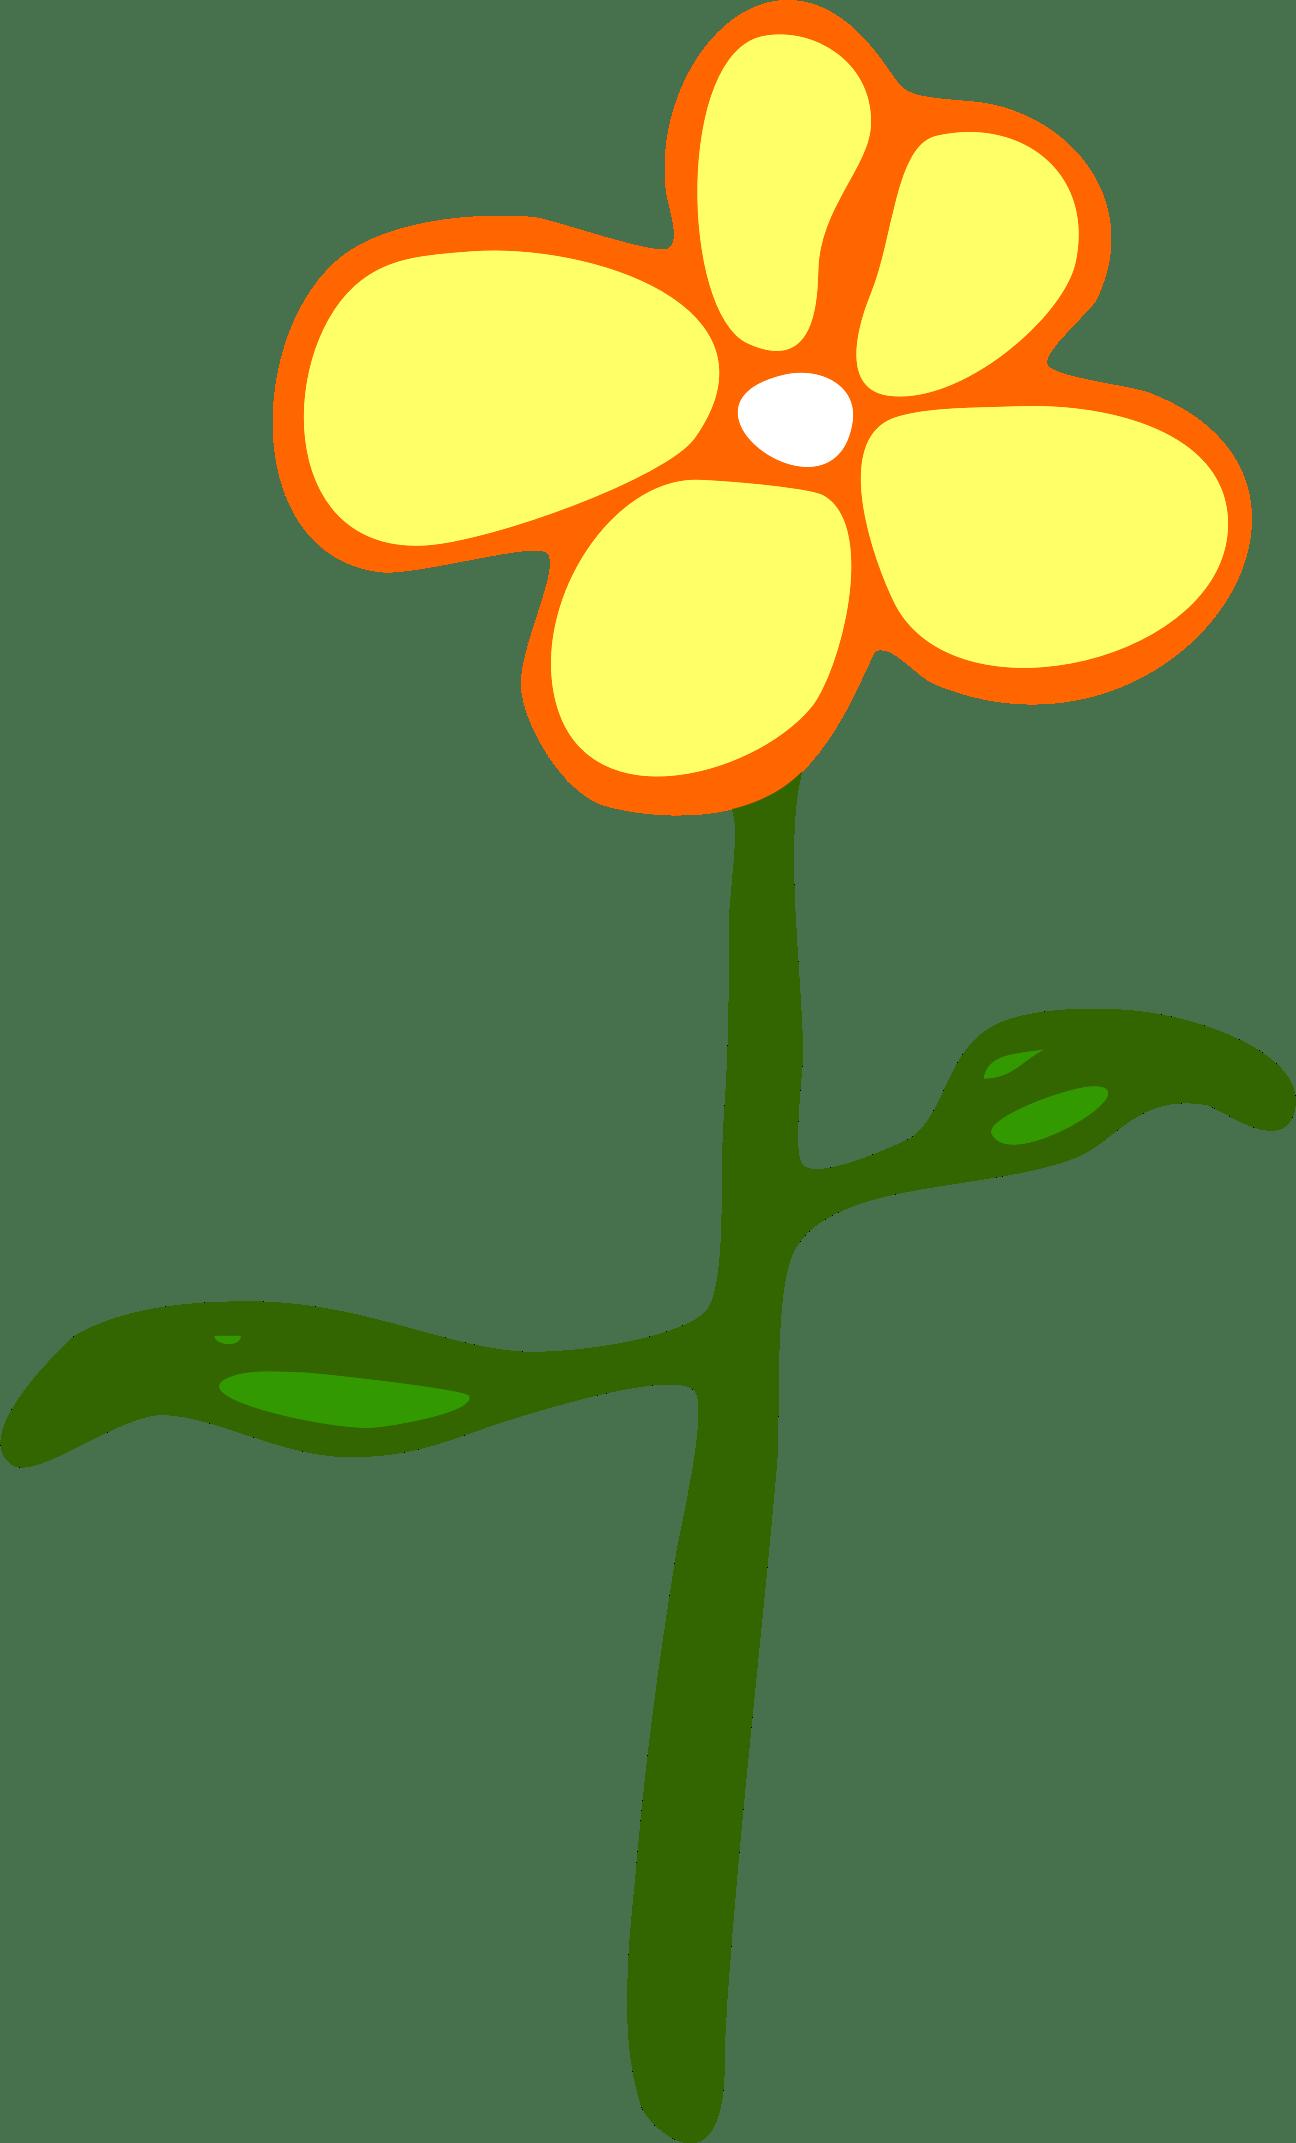 Flower Cartoon Yellow Clip art - cartoon flowers png ... (1296 x 2143 Pixel)